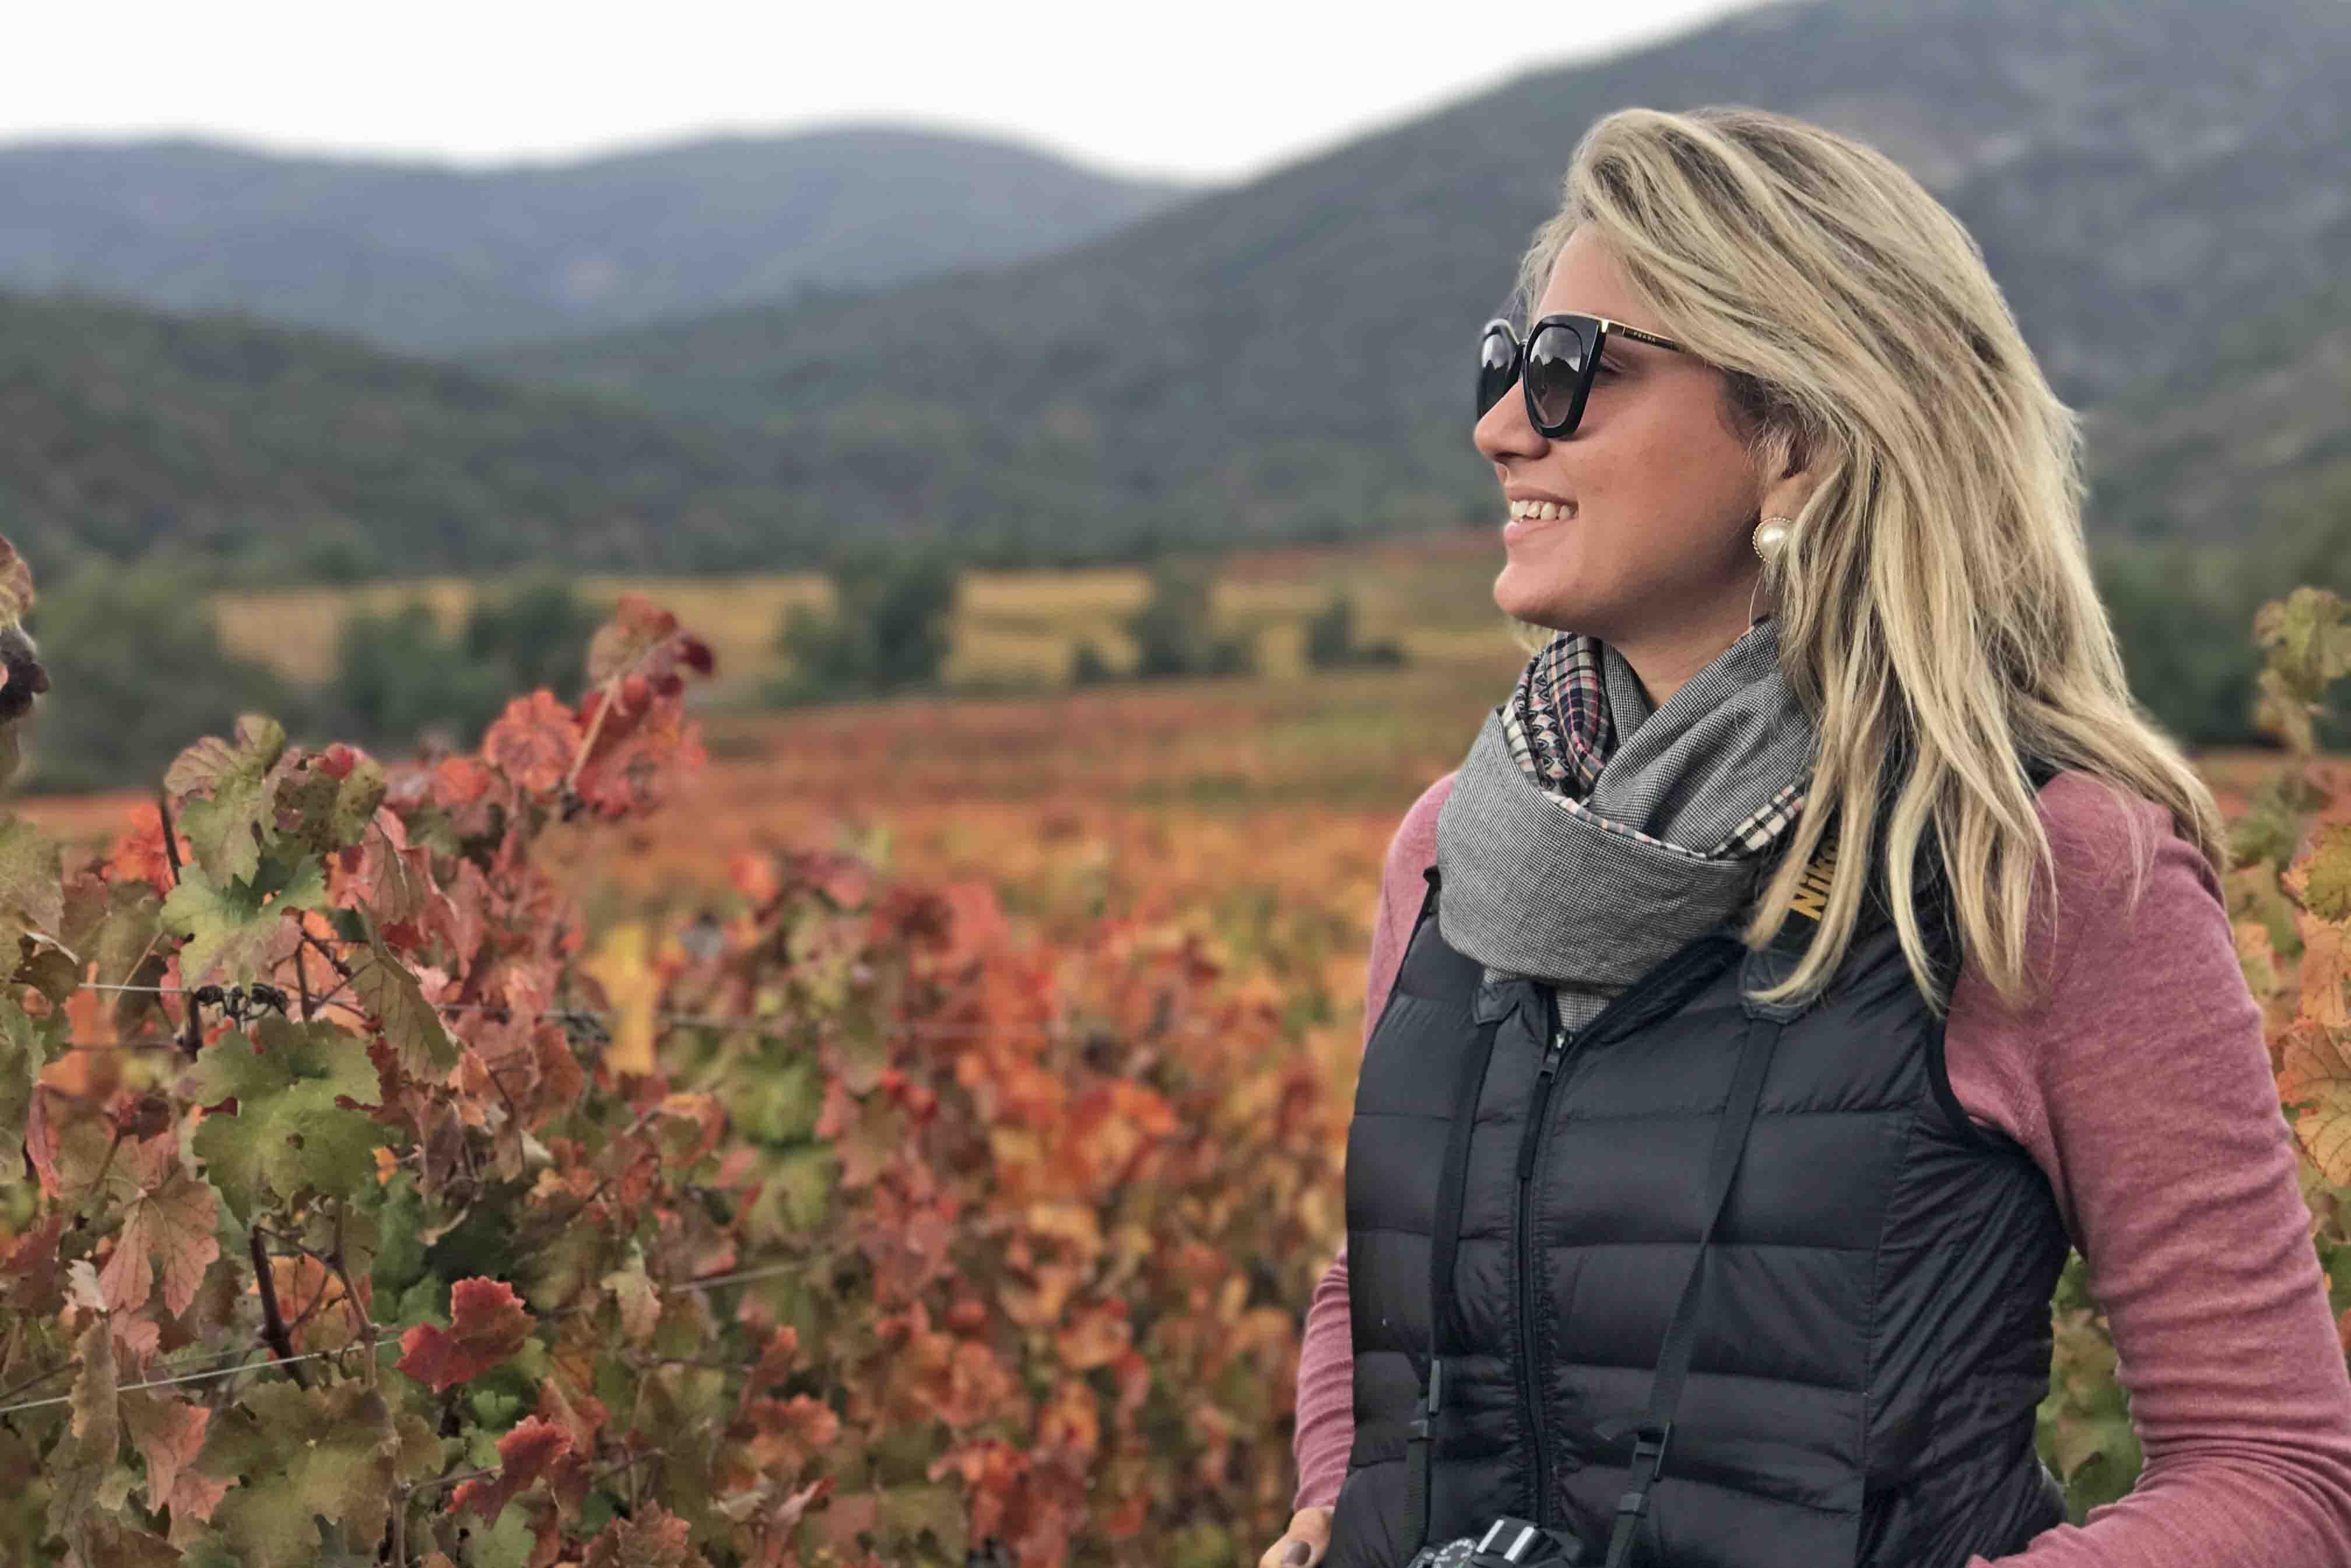 Vina Vik Chile - visita a vinícola - vale do Colchagua - tour e degustação